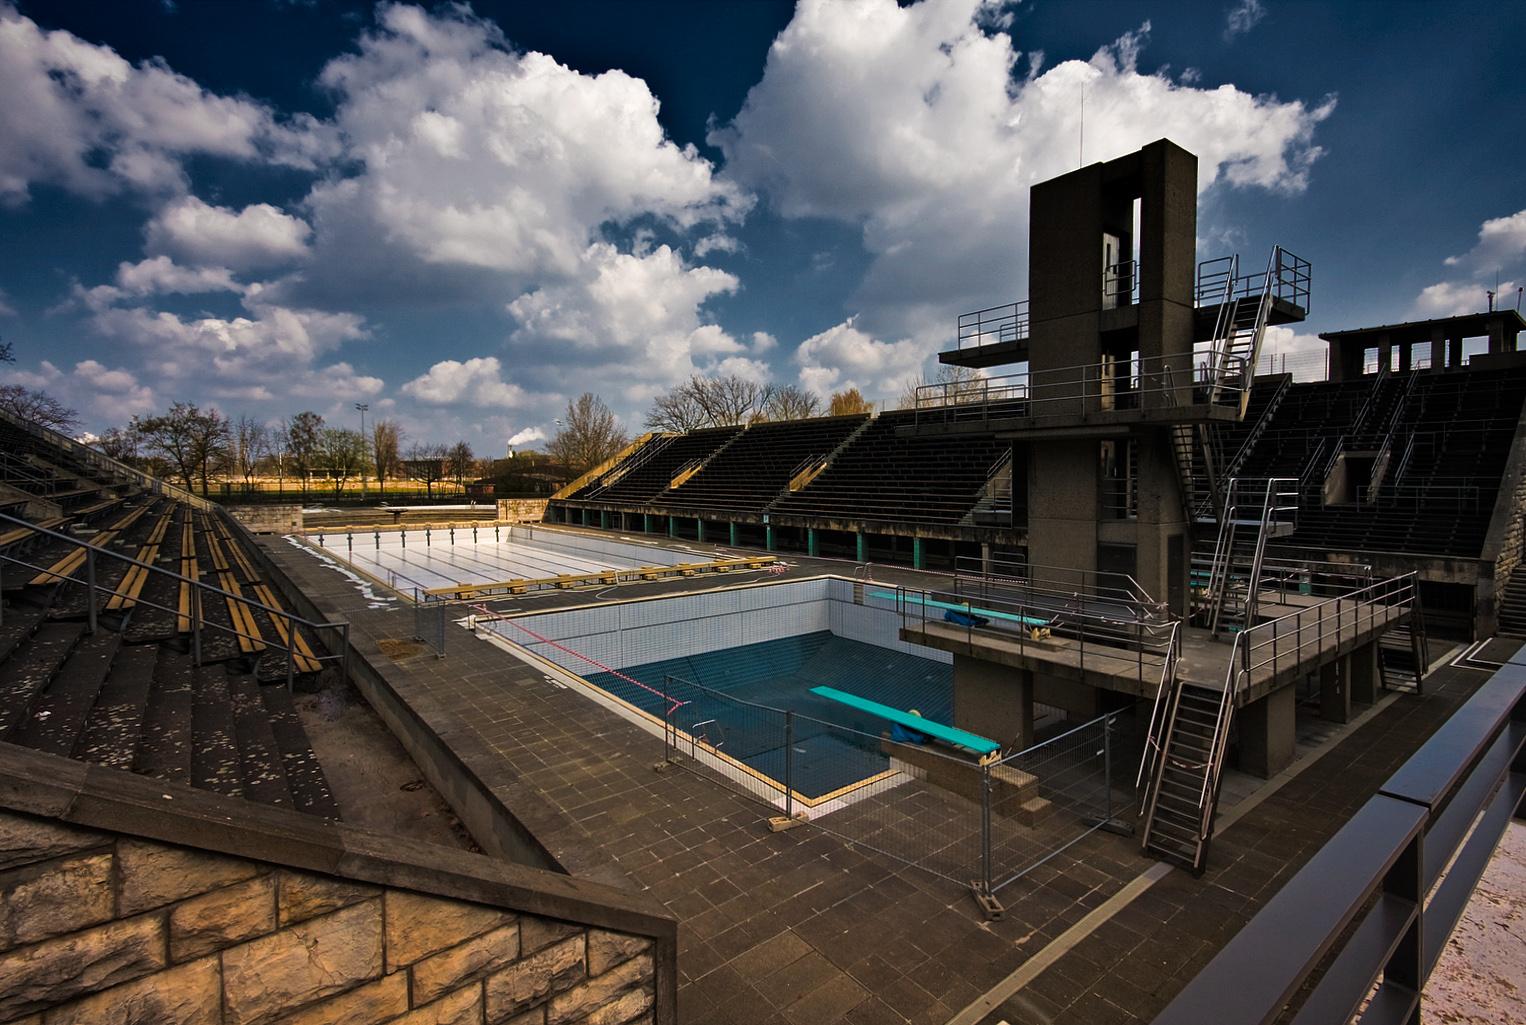 http://2.bp.blogspot.com/-ScMEzJZtTX8/TeI1TQ5vv9I/AAAAAAAAEdQ/tEf4GG0elgU/s1600/Berlin_Olympic_swimming_venue.jpg